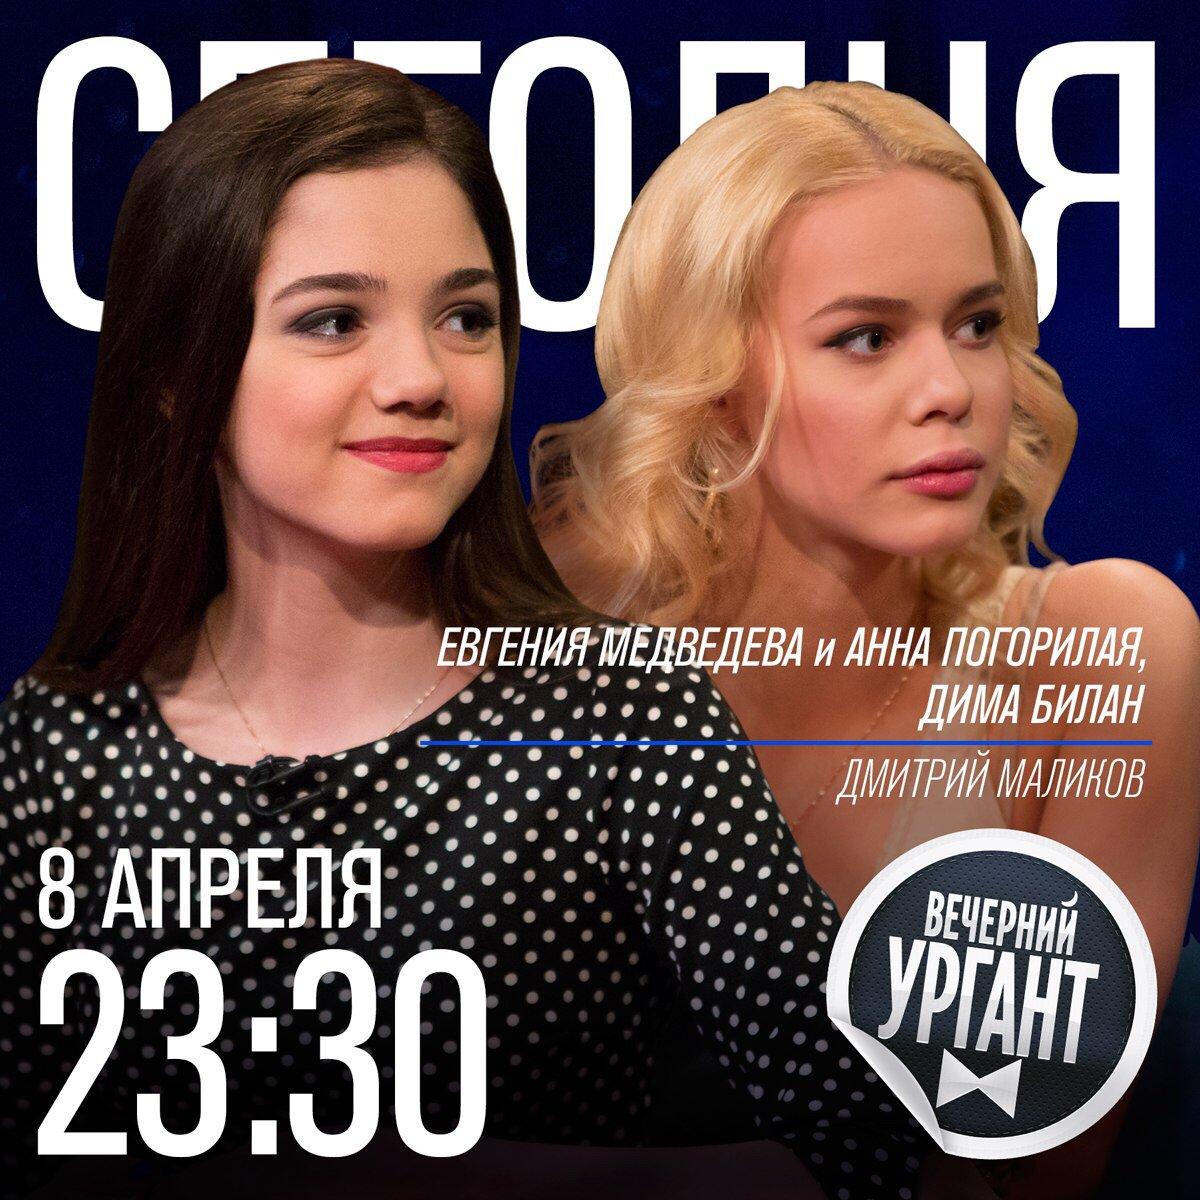 Евгения Медведева - 2 - Страница 2 CfizcqXXEAEYRoX